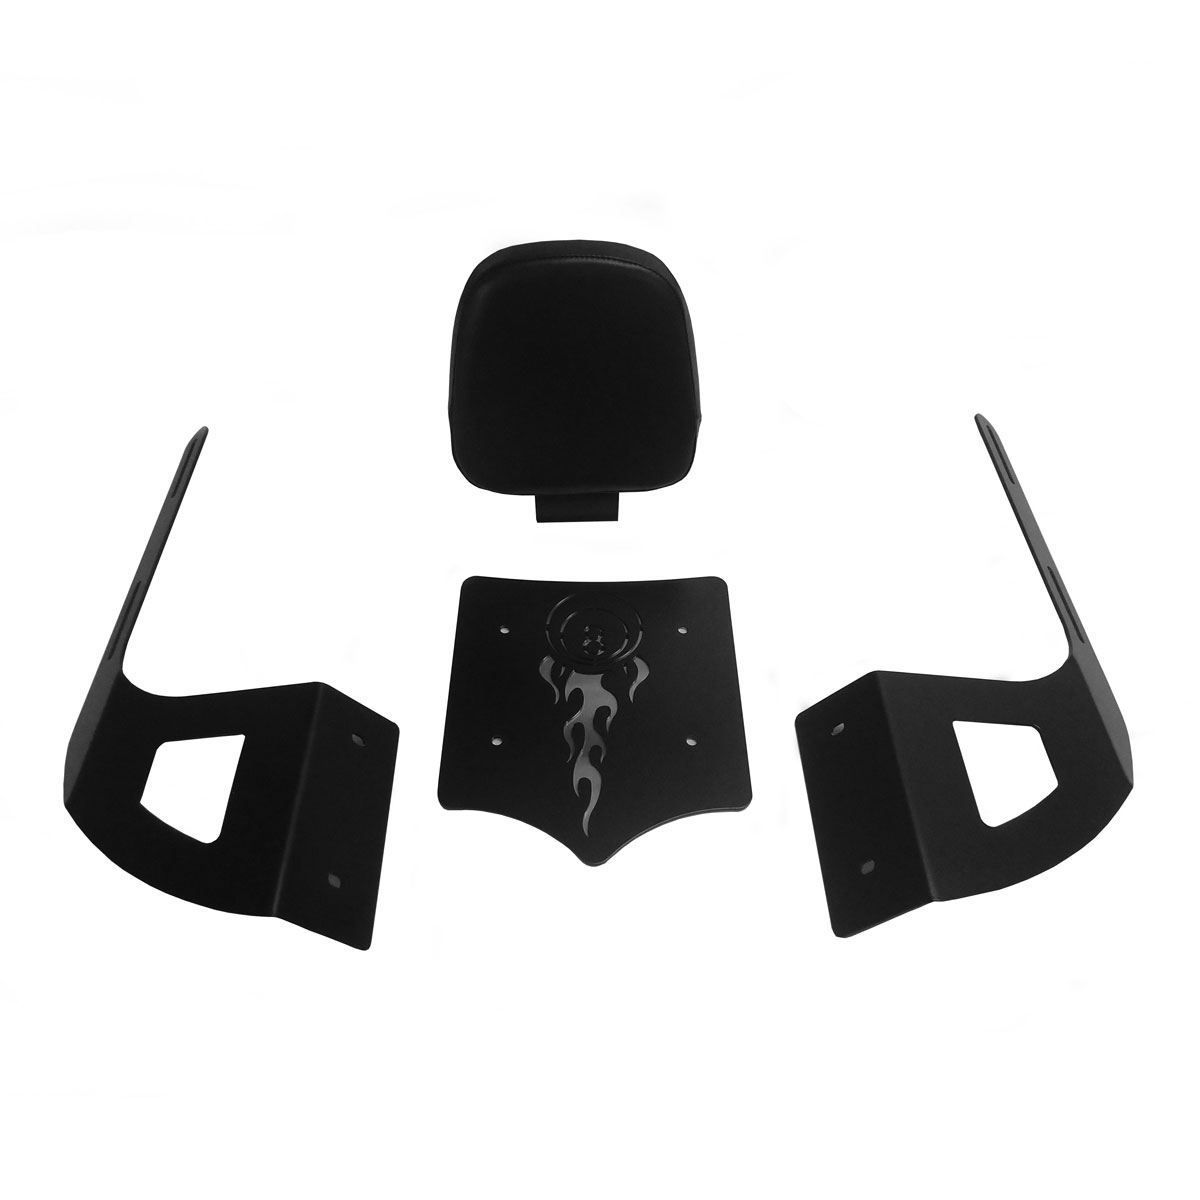 BDD Custom Black 8 Ball Sissy Bar w/Luggage Rack & Backrest for 2-Up Seats